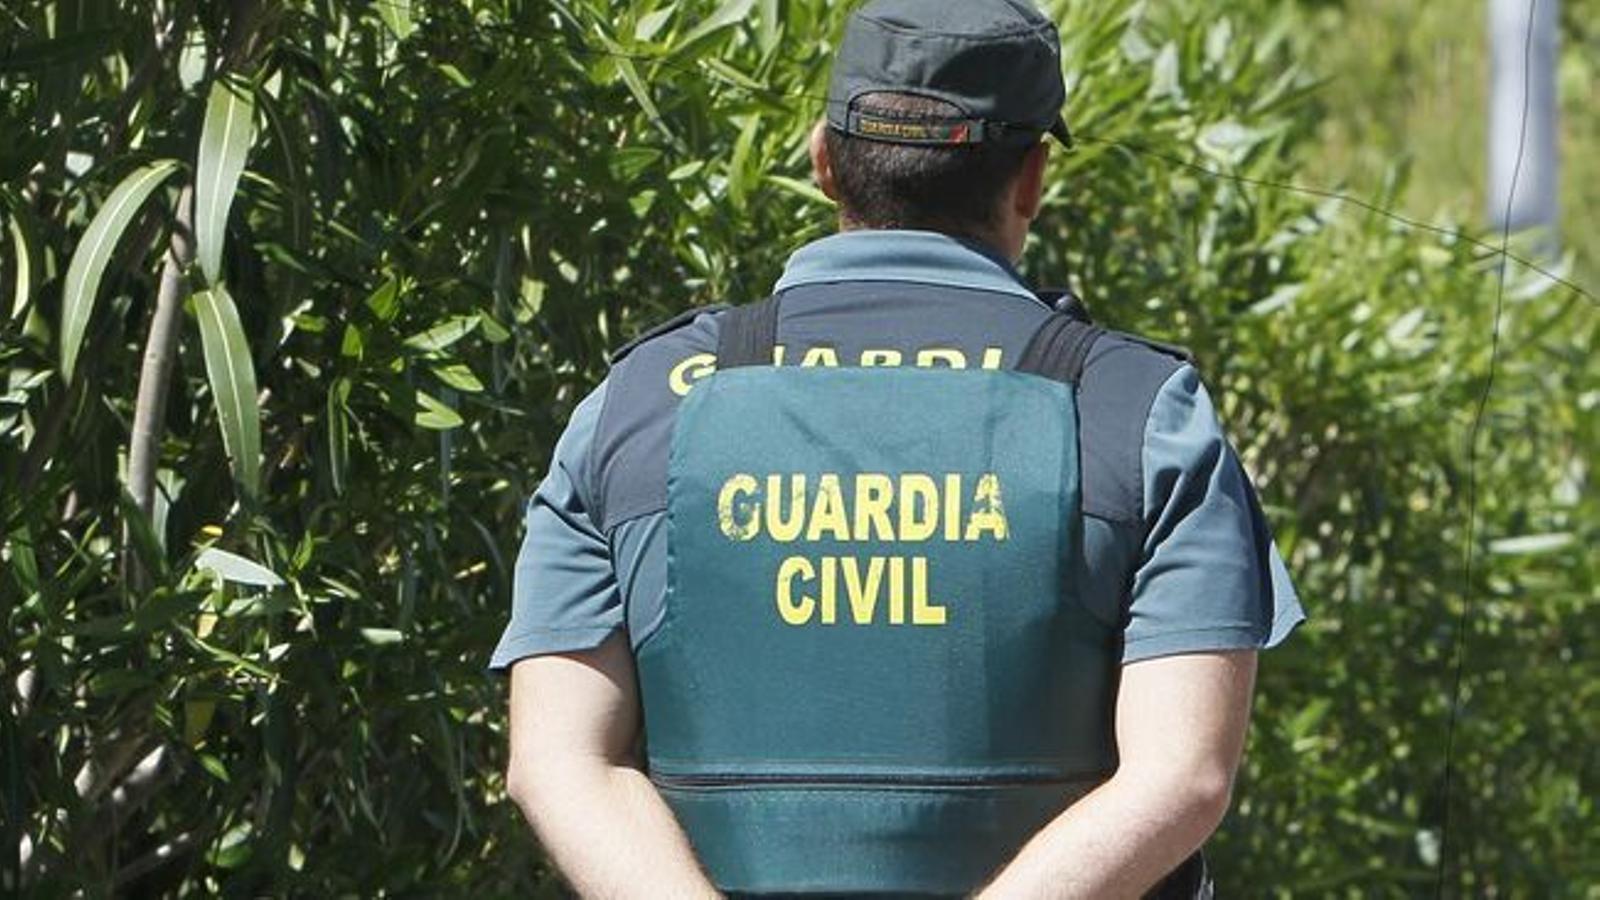 Un agent de la Guàrdia Civil. / ISAAC BUJ